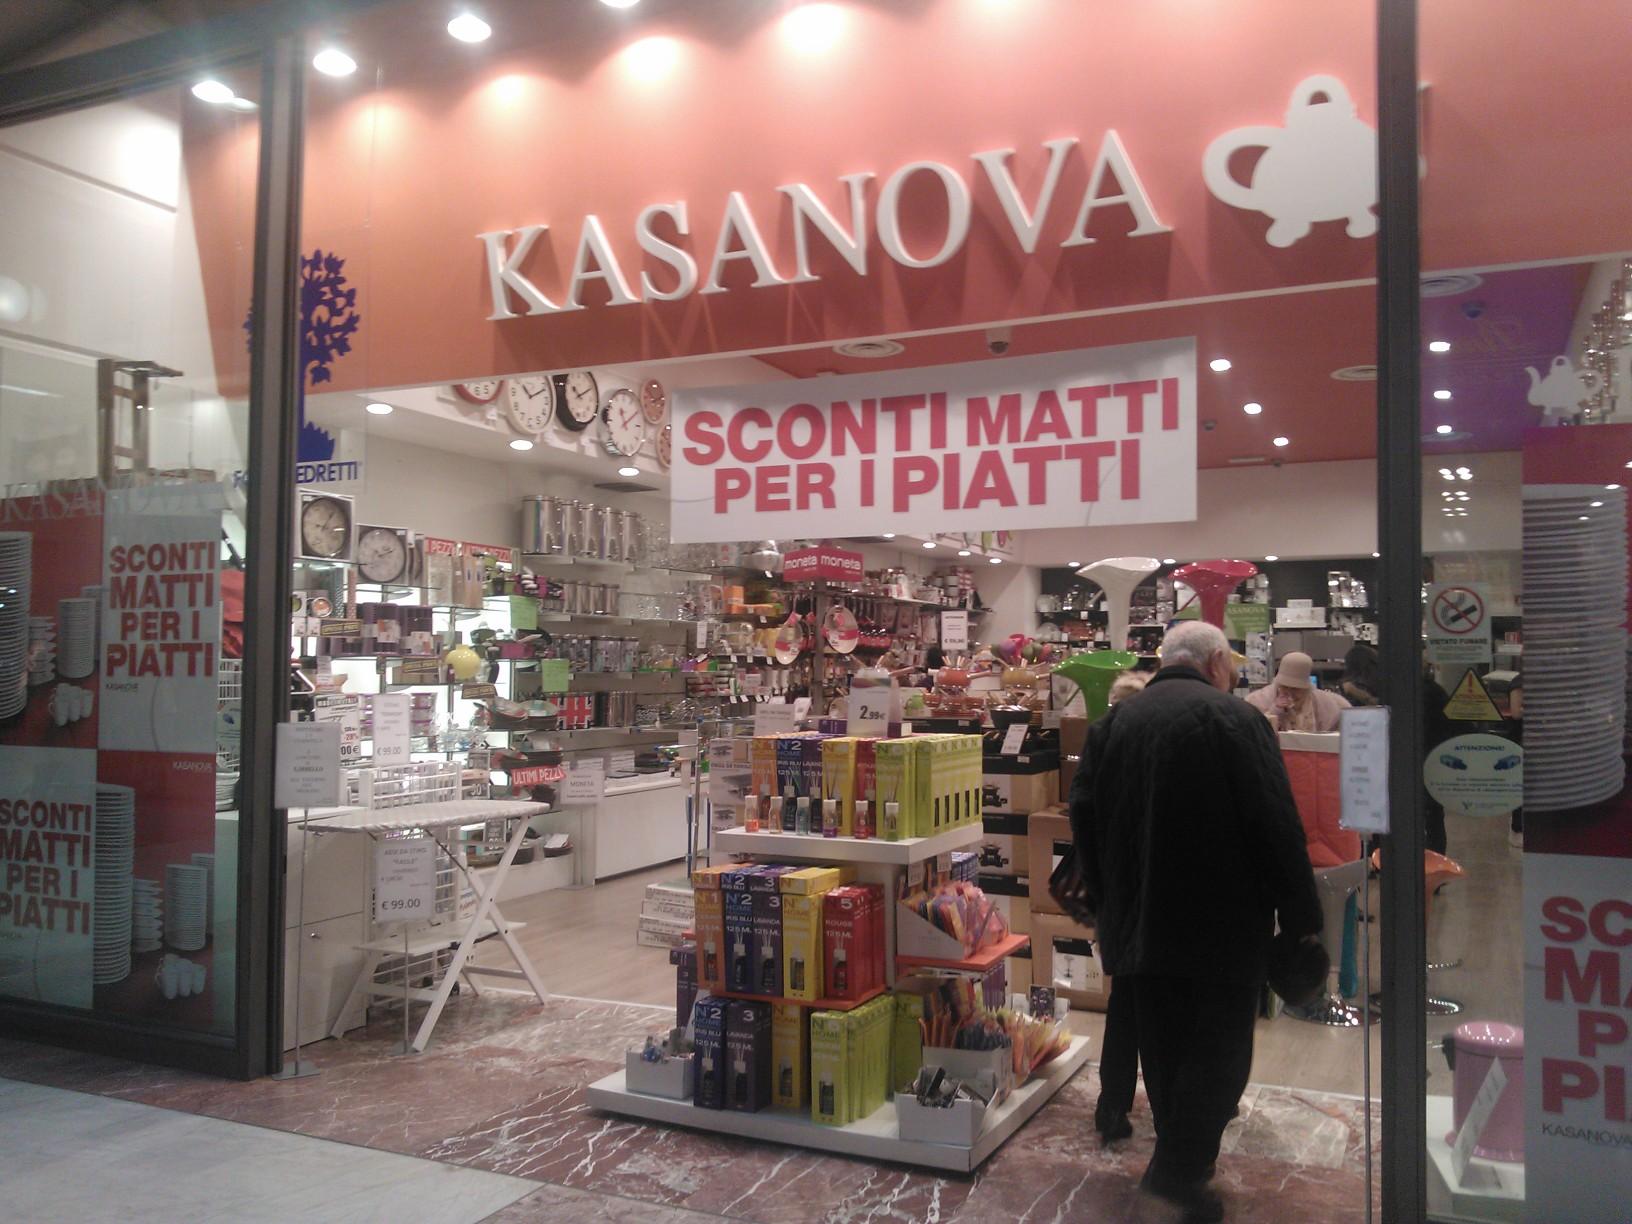 Ikea Sgabelli Kasanova : Set coltelli da cucina kasanova kasanova tappeti salotto